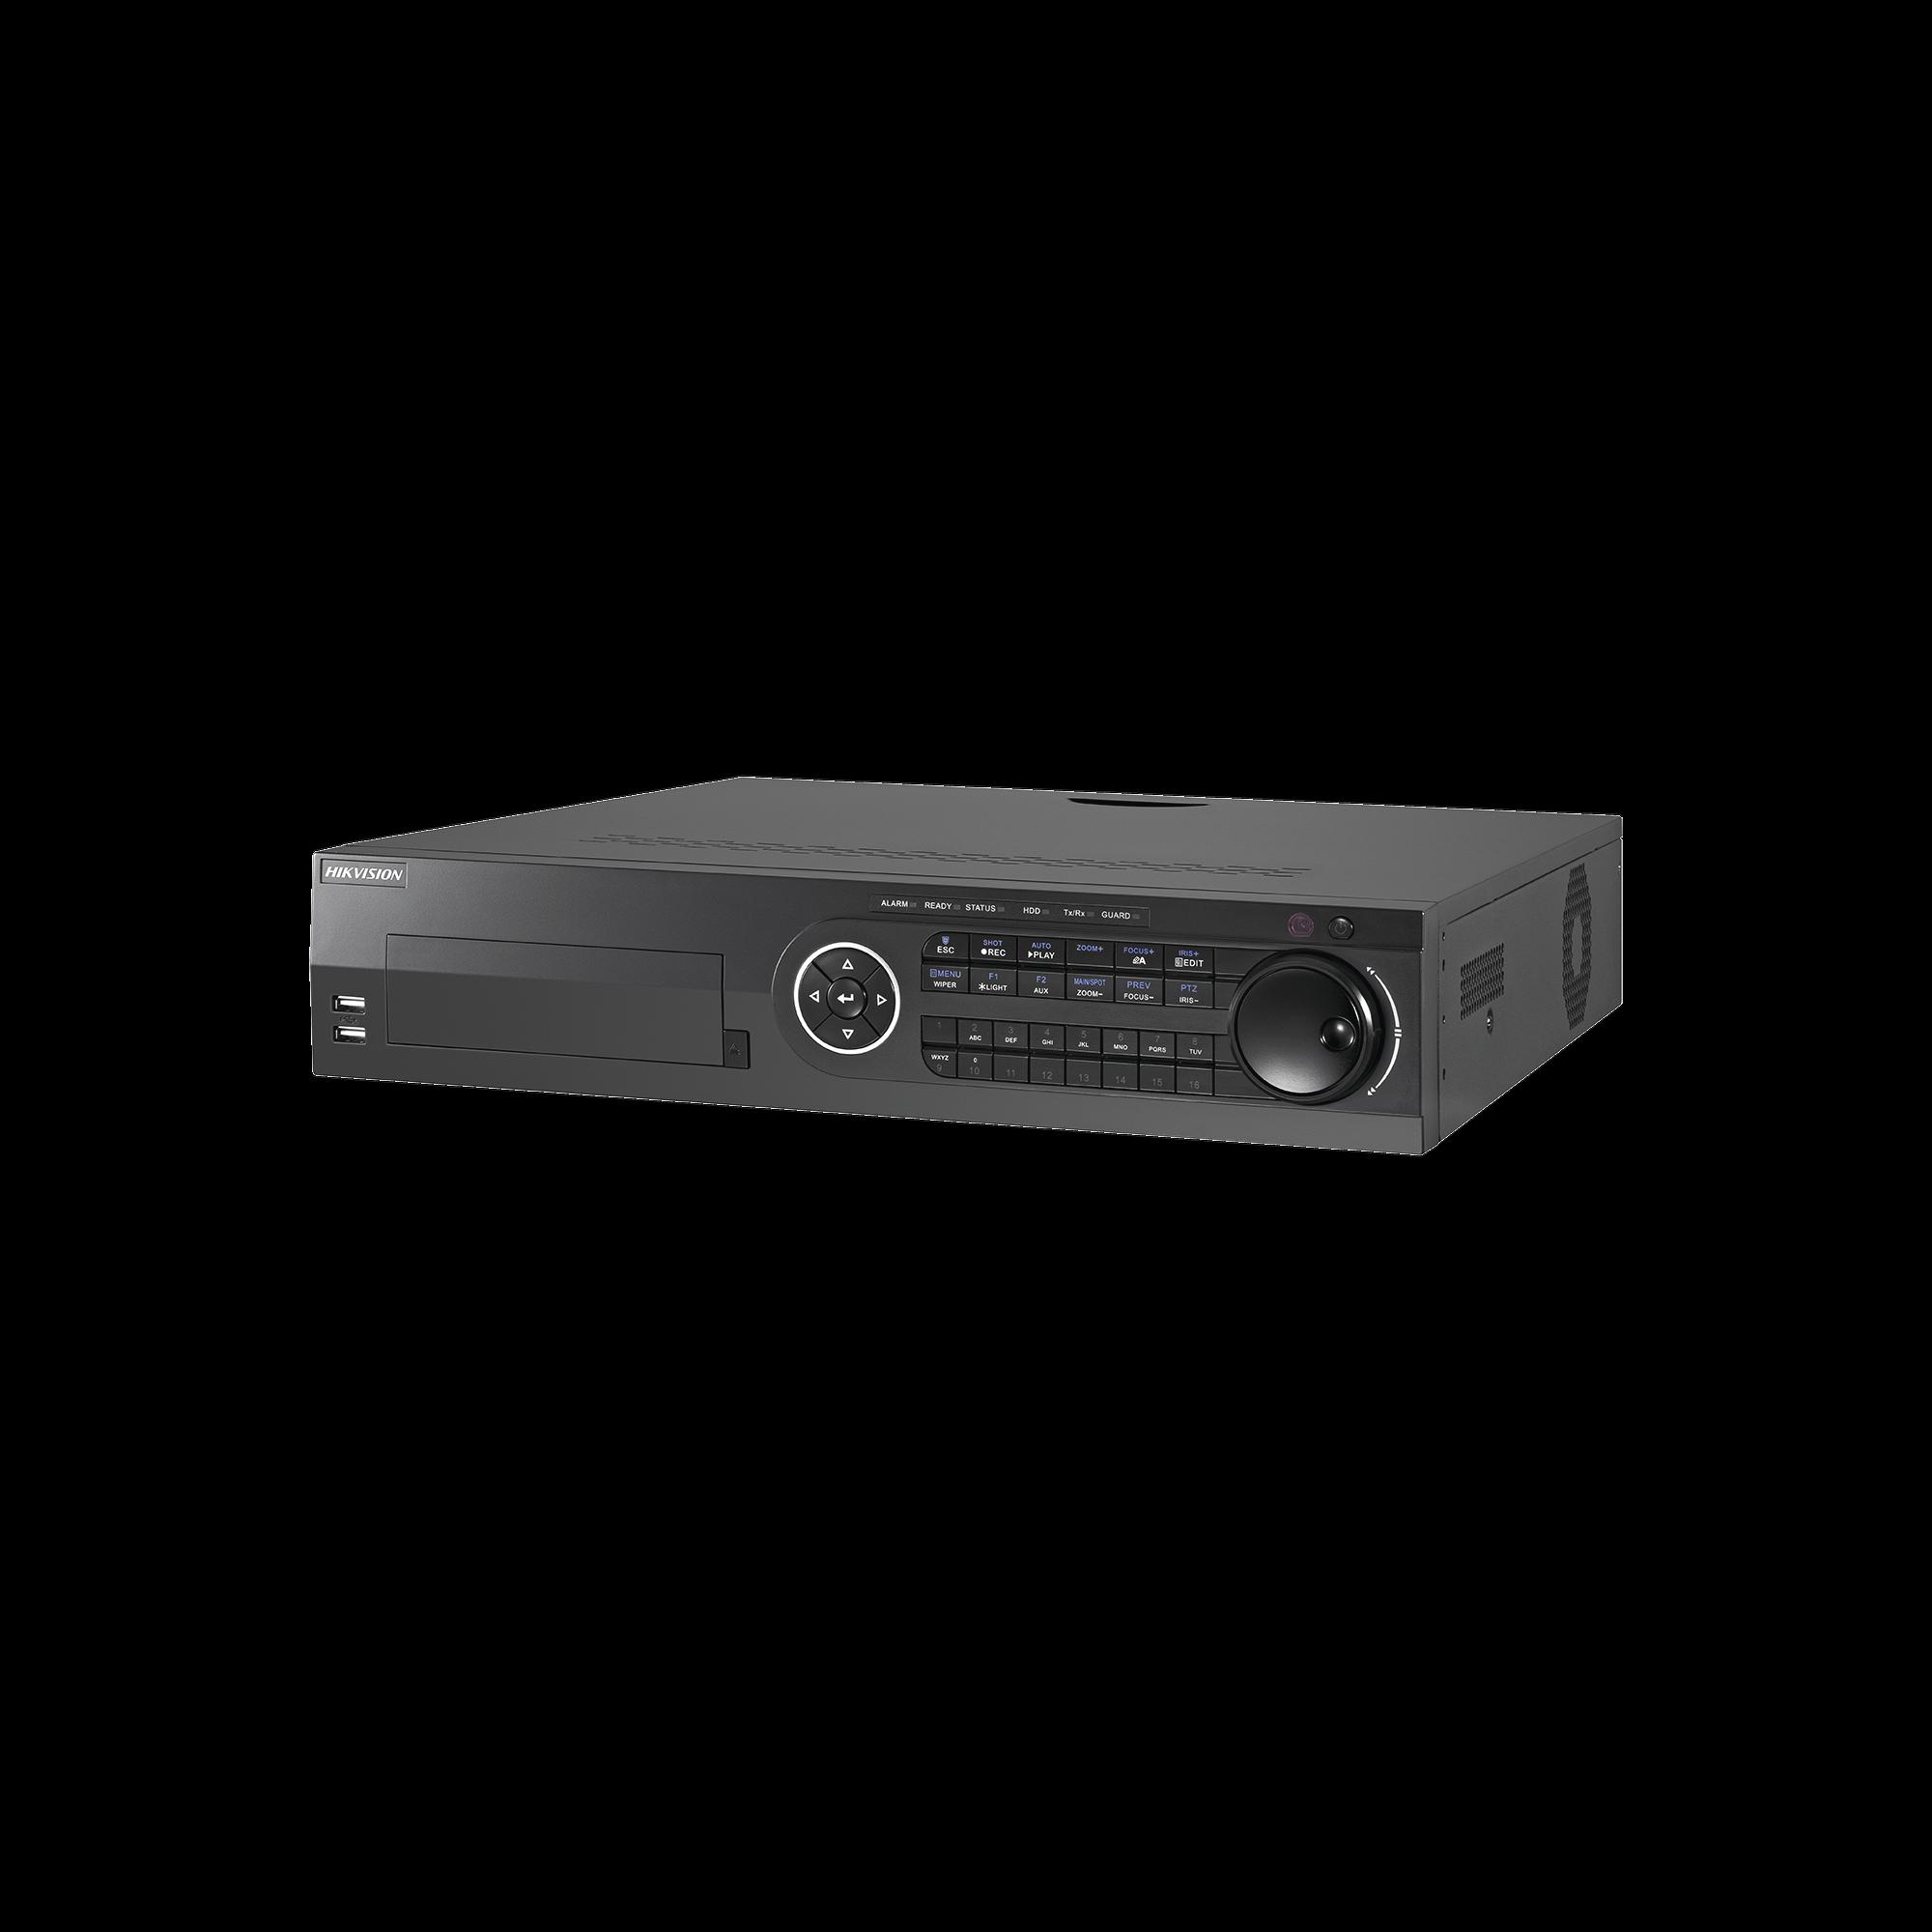 DVR 4 Megapixel / 16 Canales TURBOHD + 8 Canales IP / 8 Bahias de Disco Duro / 16 canales de Audio / 16 Entradas de Alarma